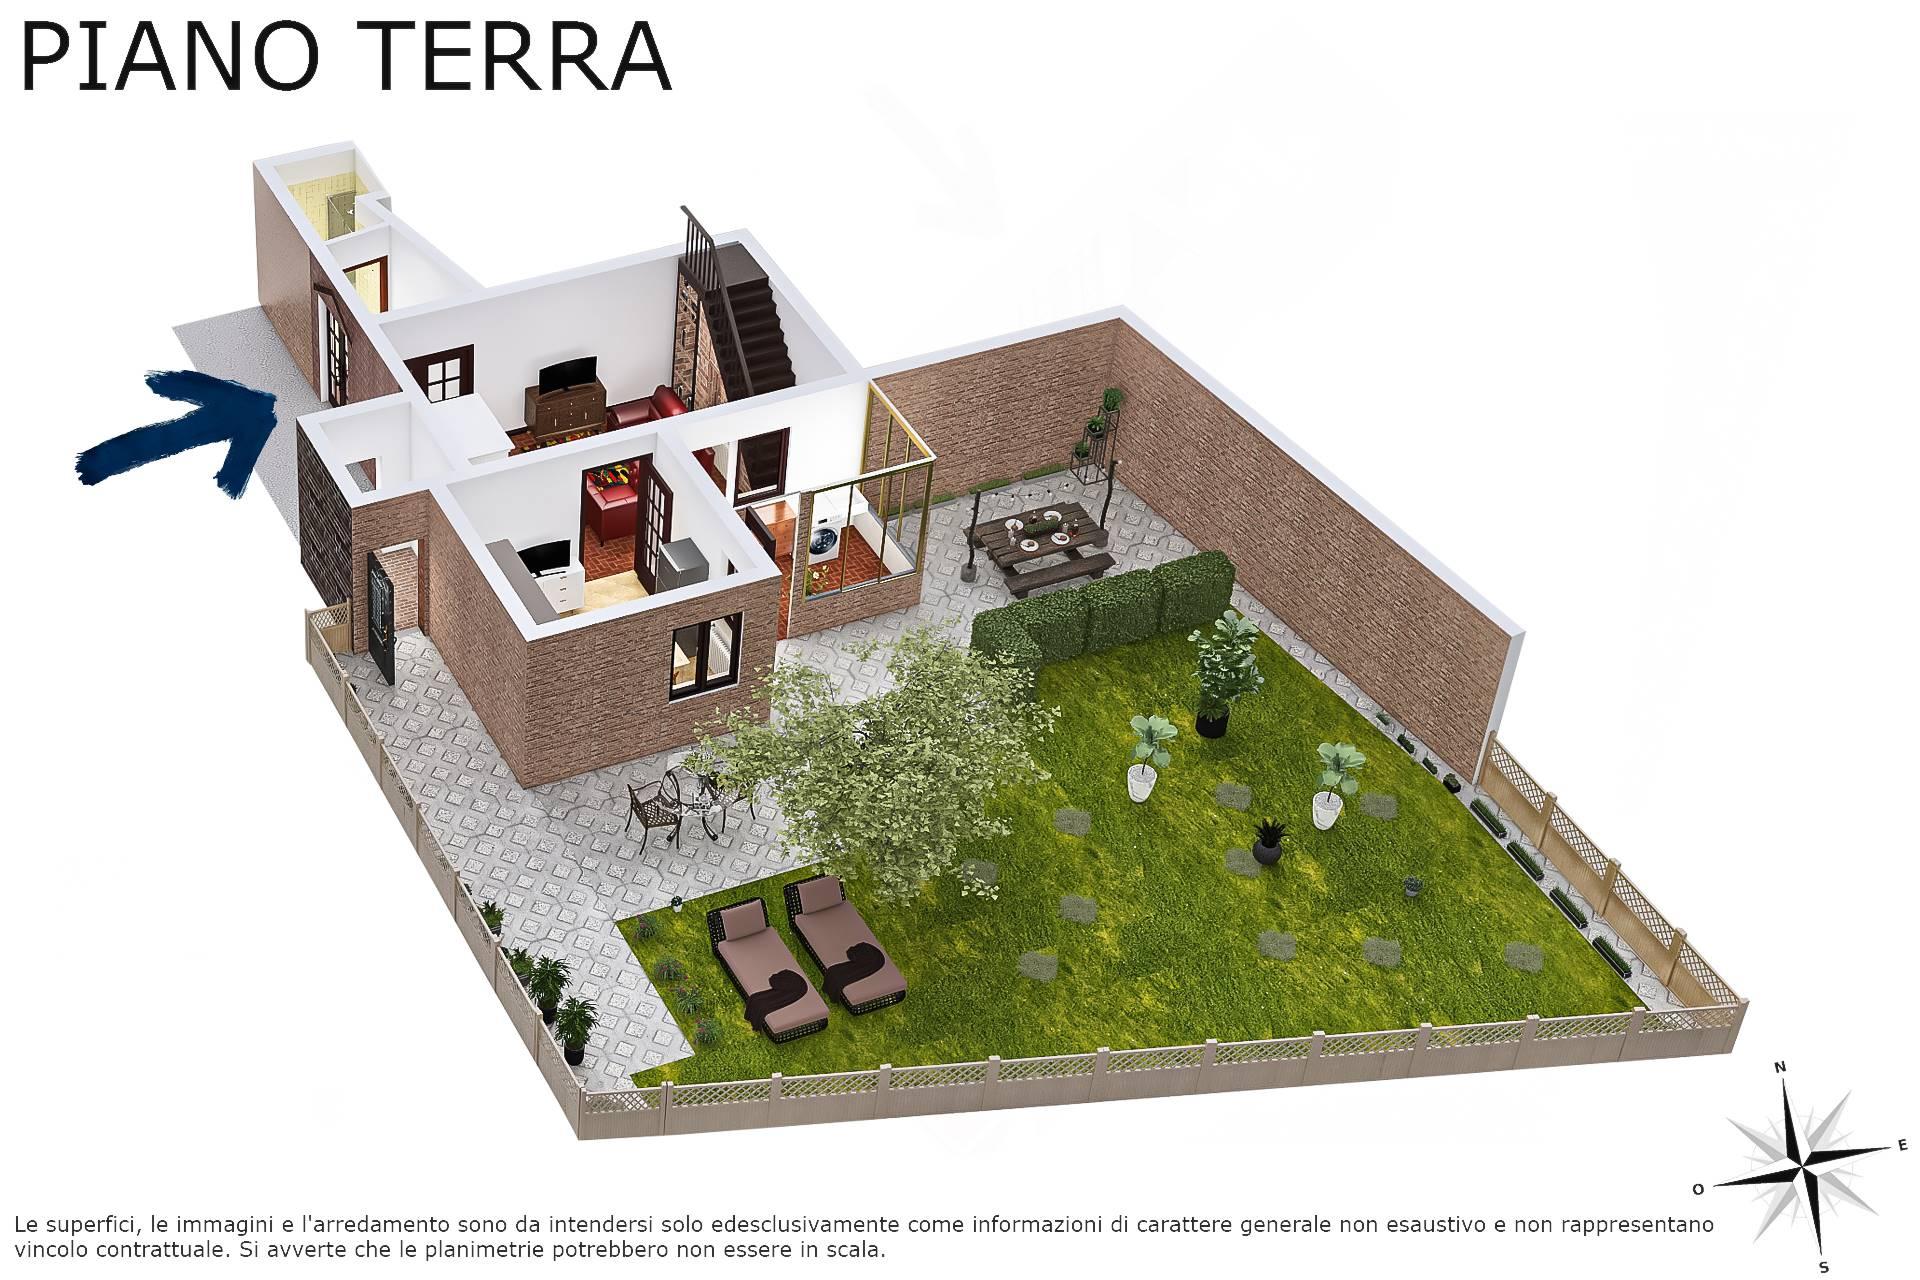 Planimetria 3D piano terra con giardino